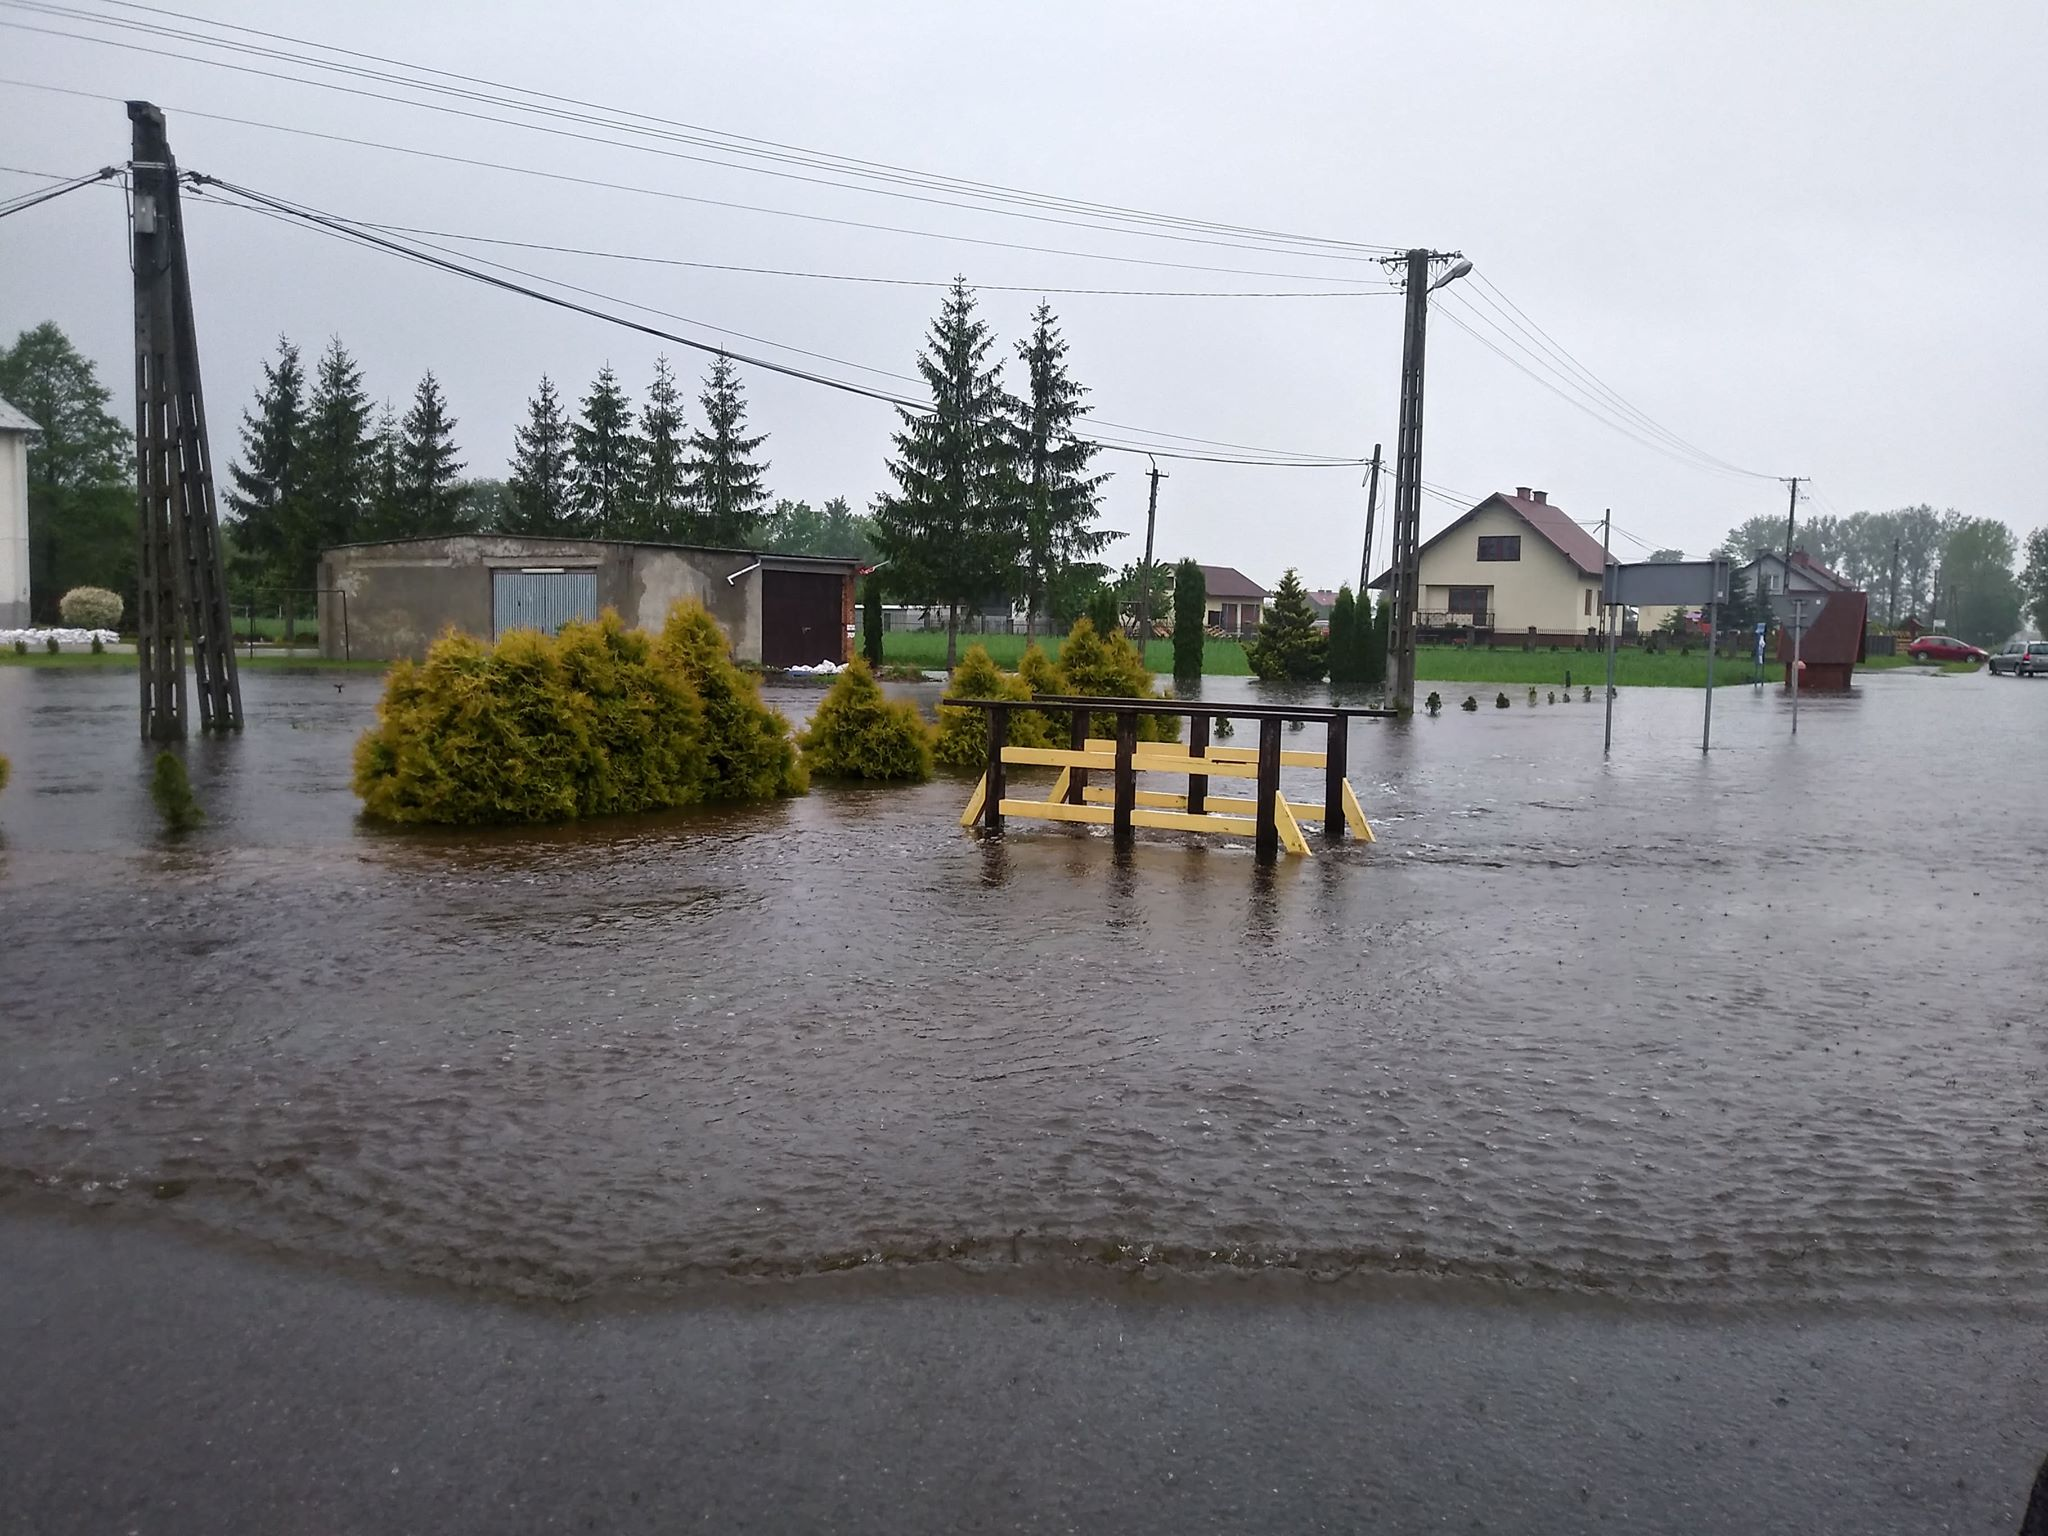 [AKTUALIZACJA] Powódź w gminie Czermin. Ostrzeżenie dla mieszkańców [FOTO, VIDEO] - Zdjęcie główne